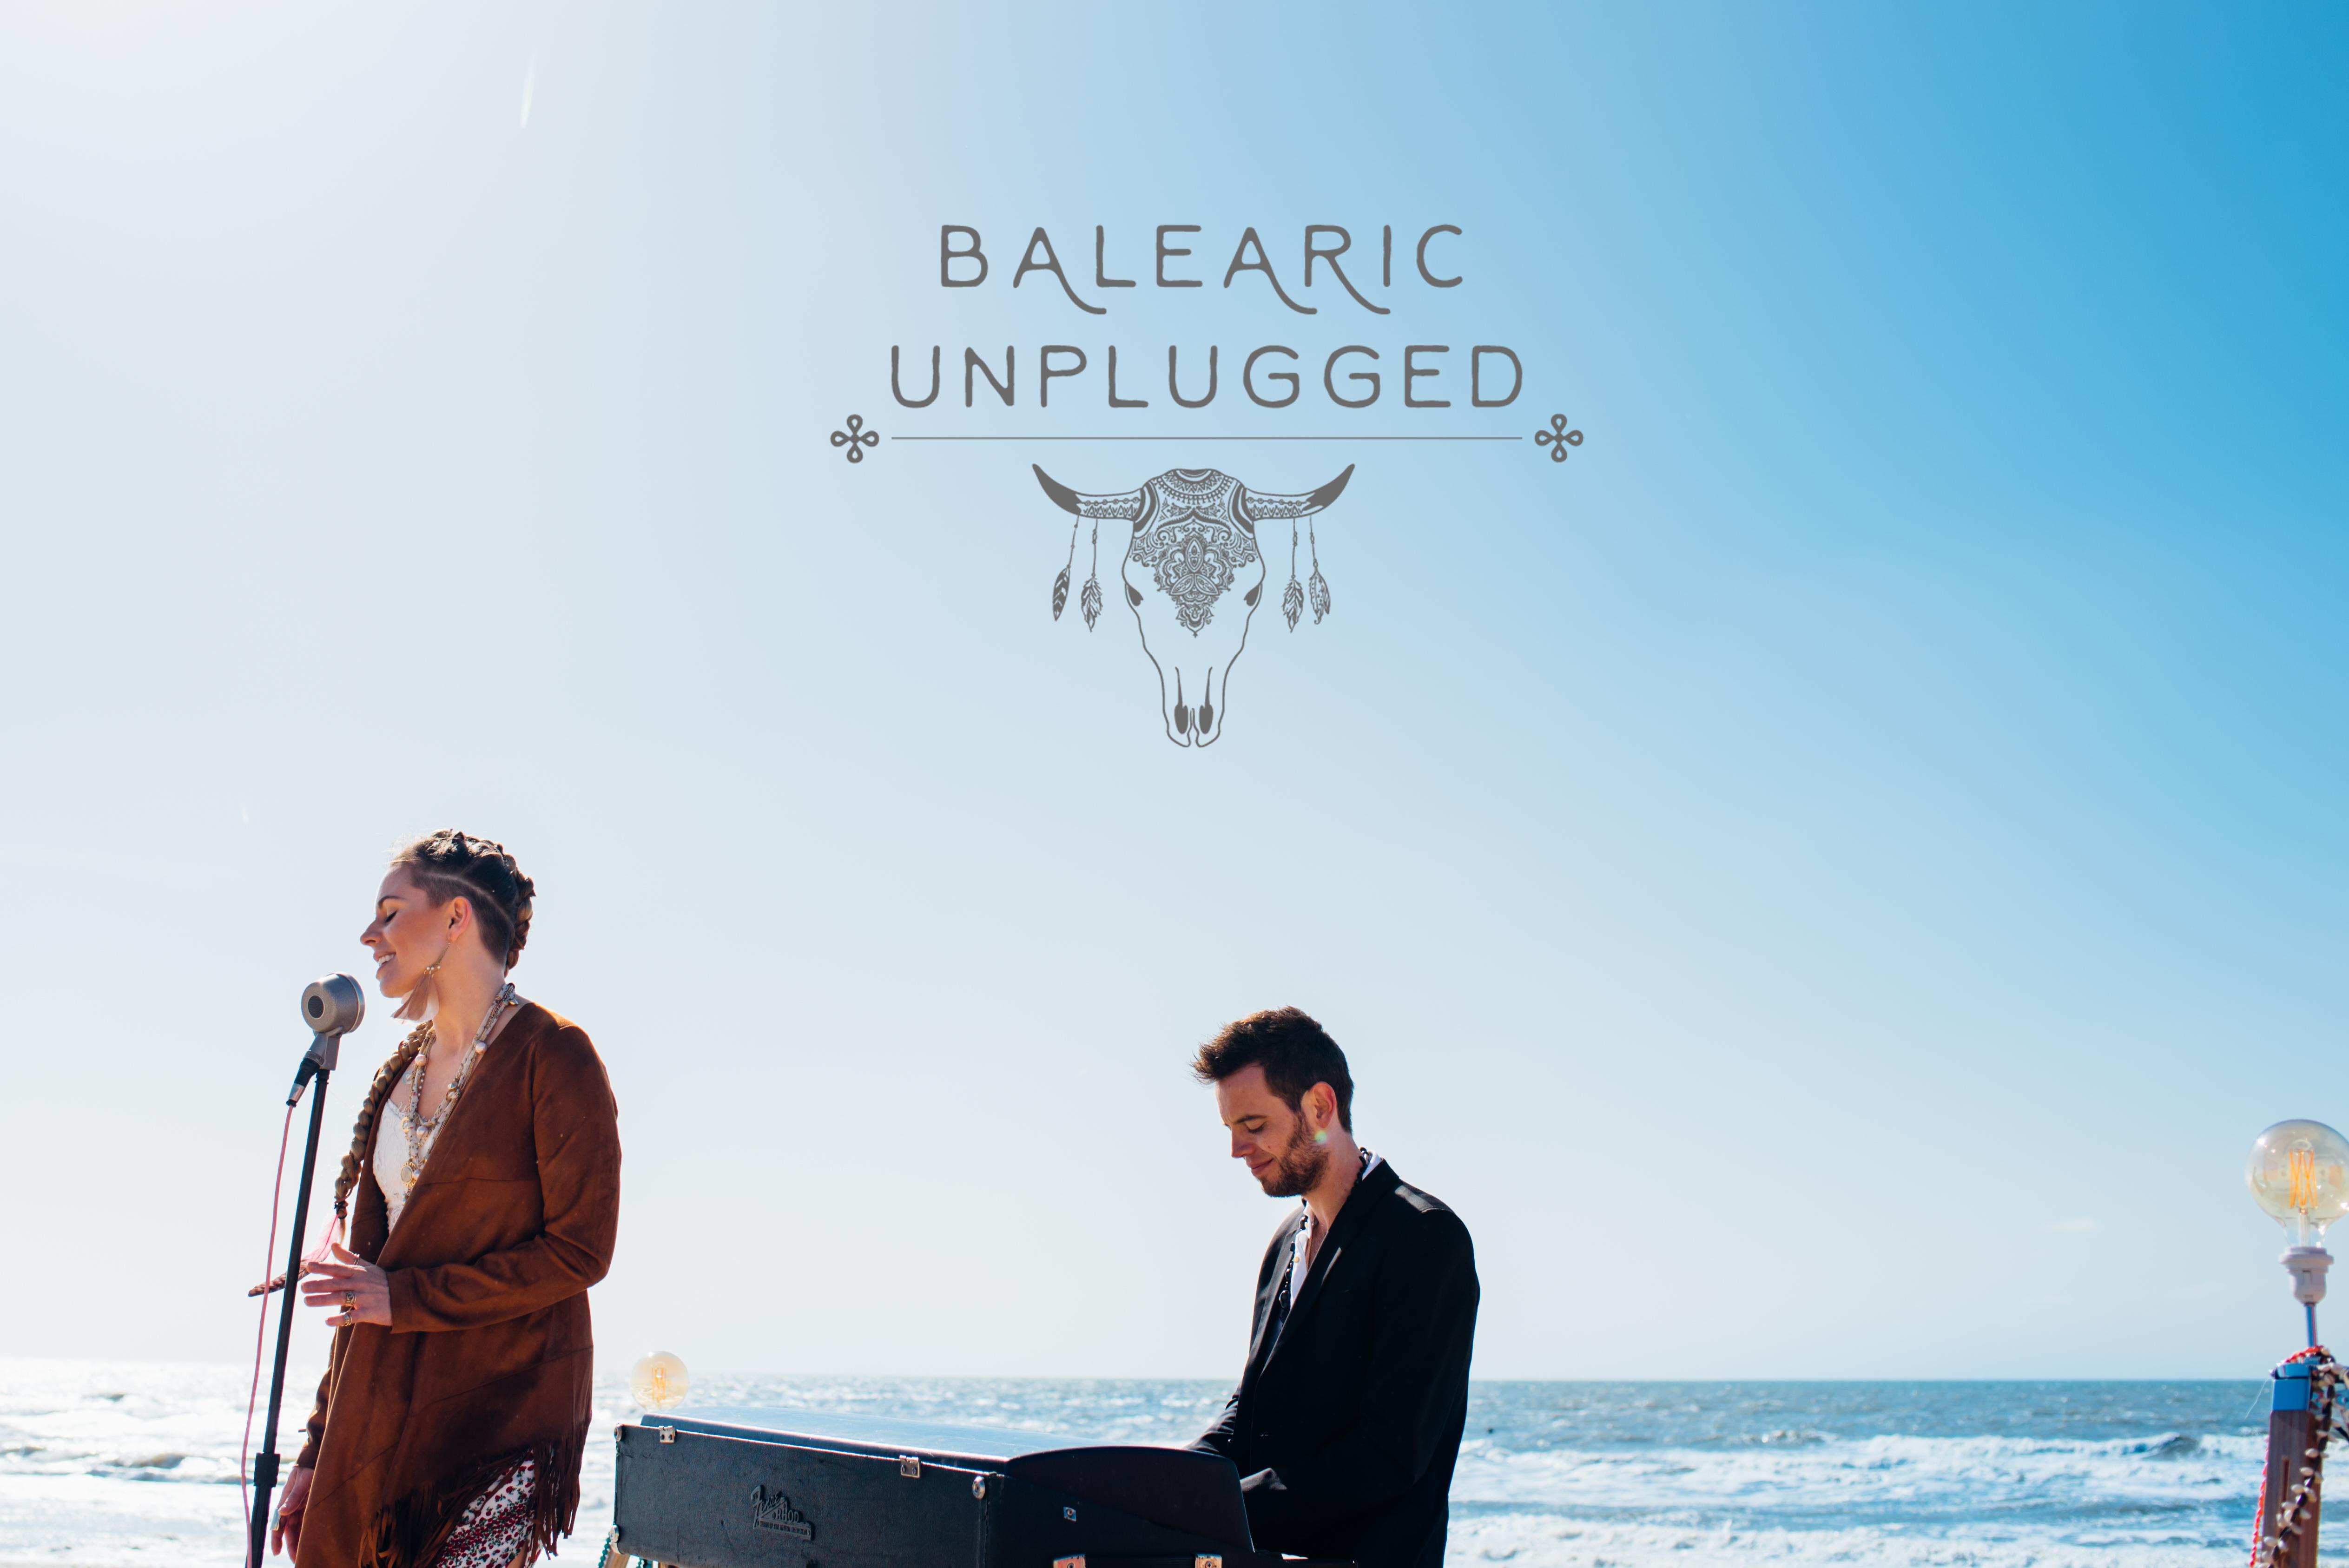 Balearic-Unplugged-zomers-entertainment-ibiza-muziek-